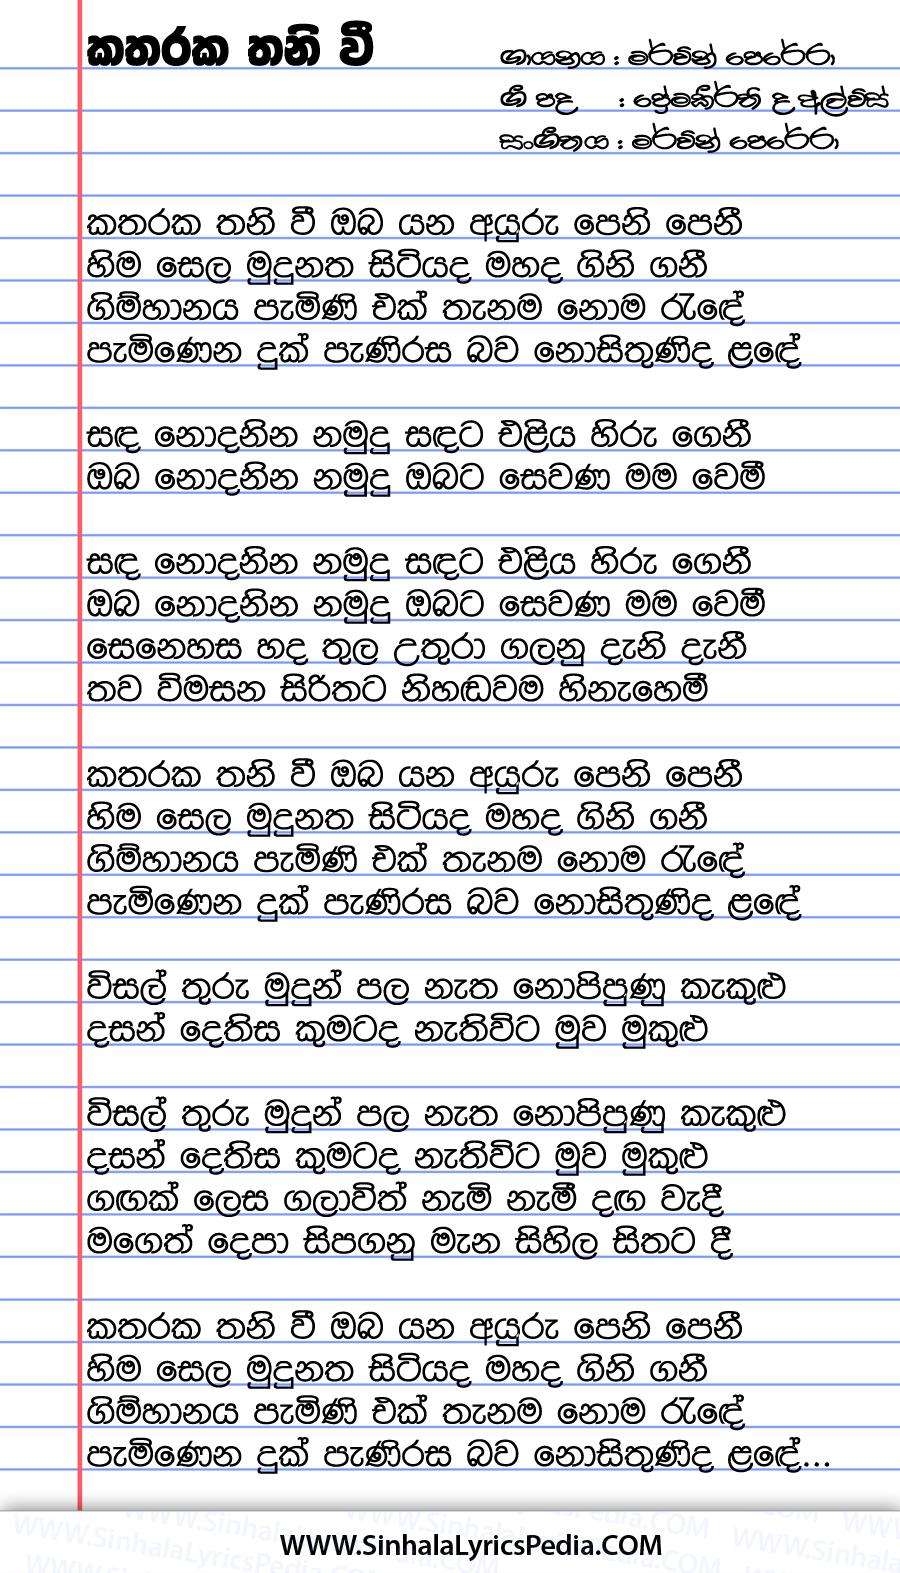 Katharaka Thaniwee Song Lyrics